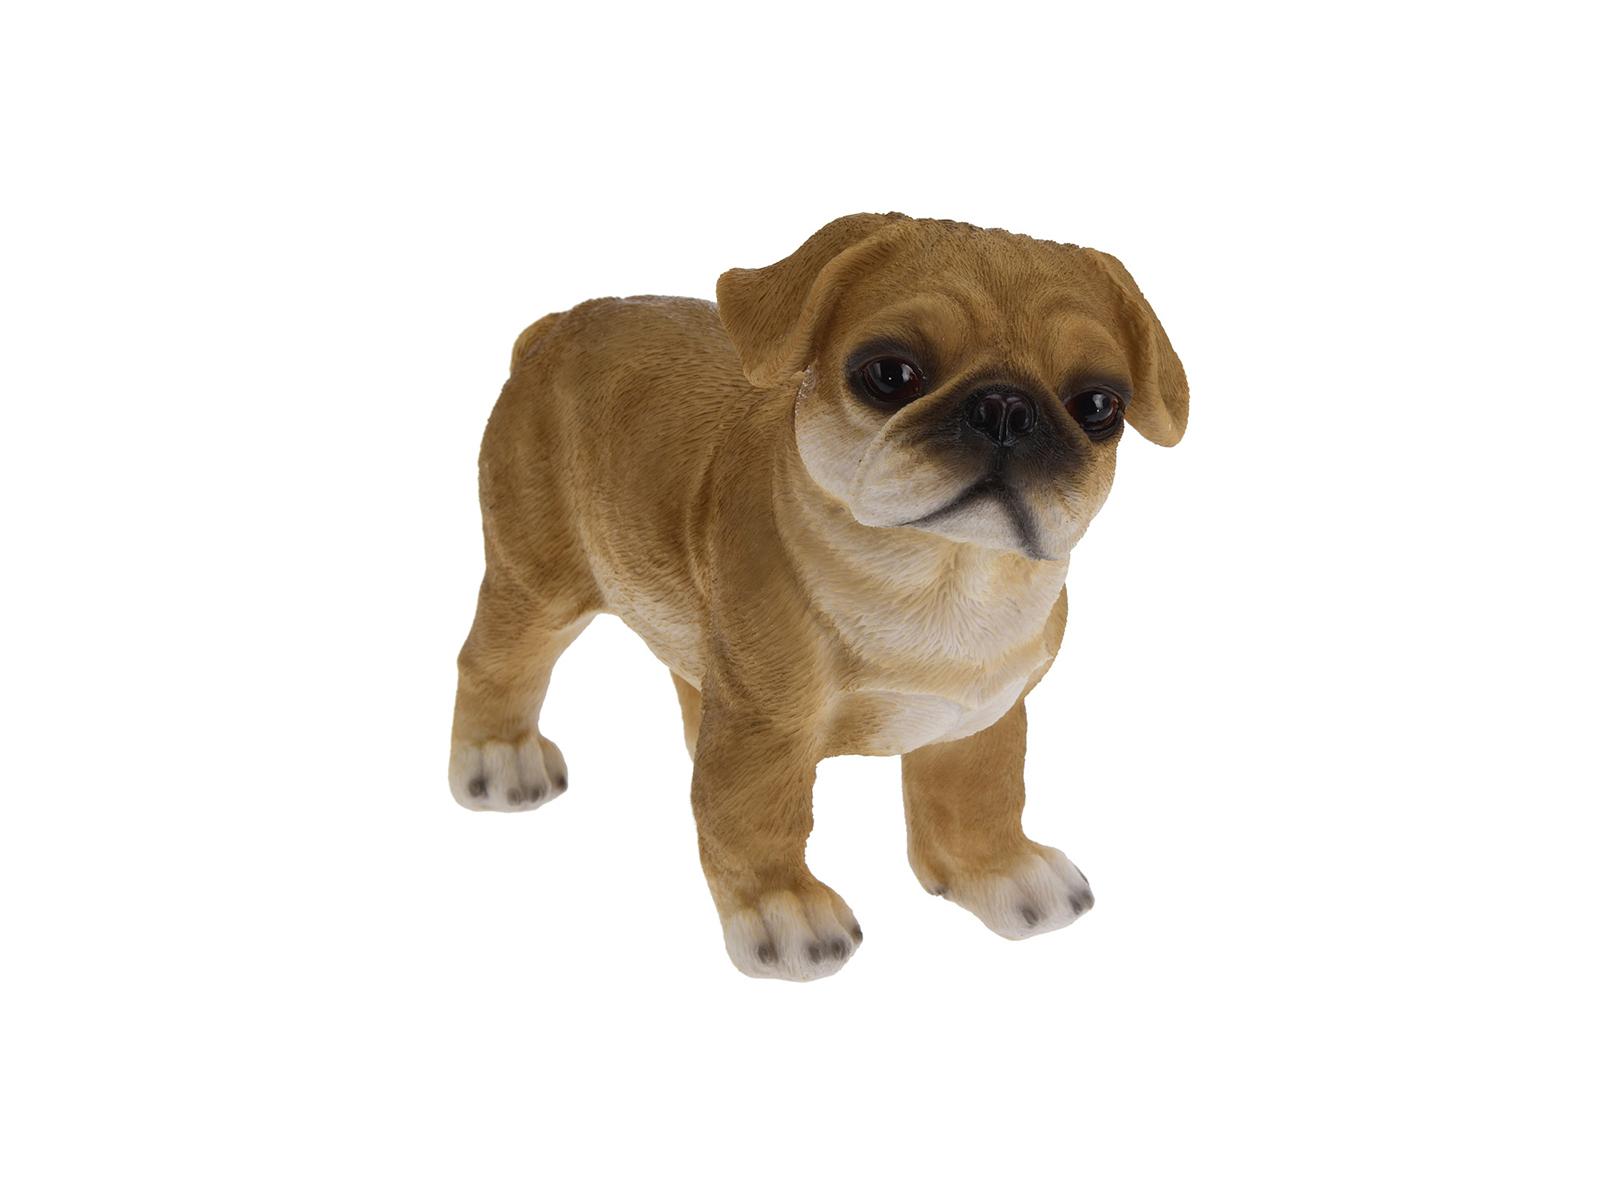 Статуэтка Dog 795001500_2 ОГОГО Обстановочка!